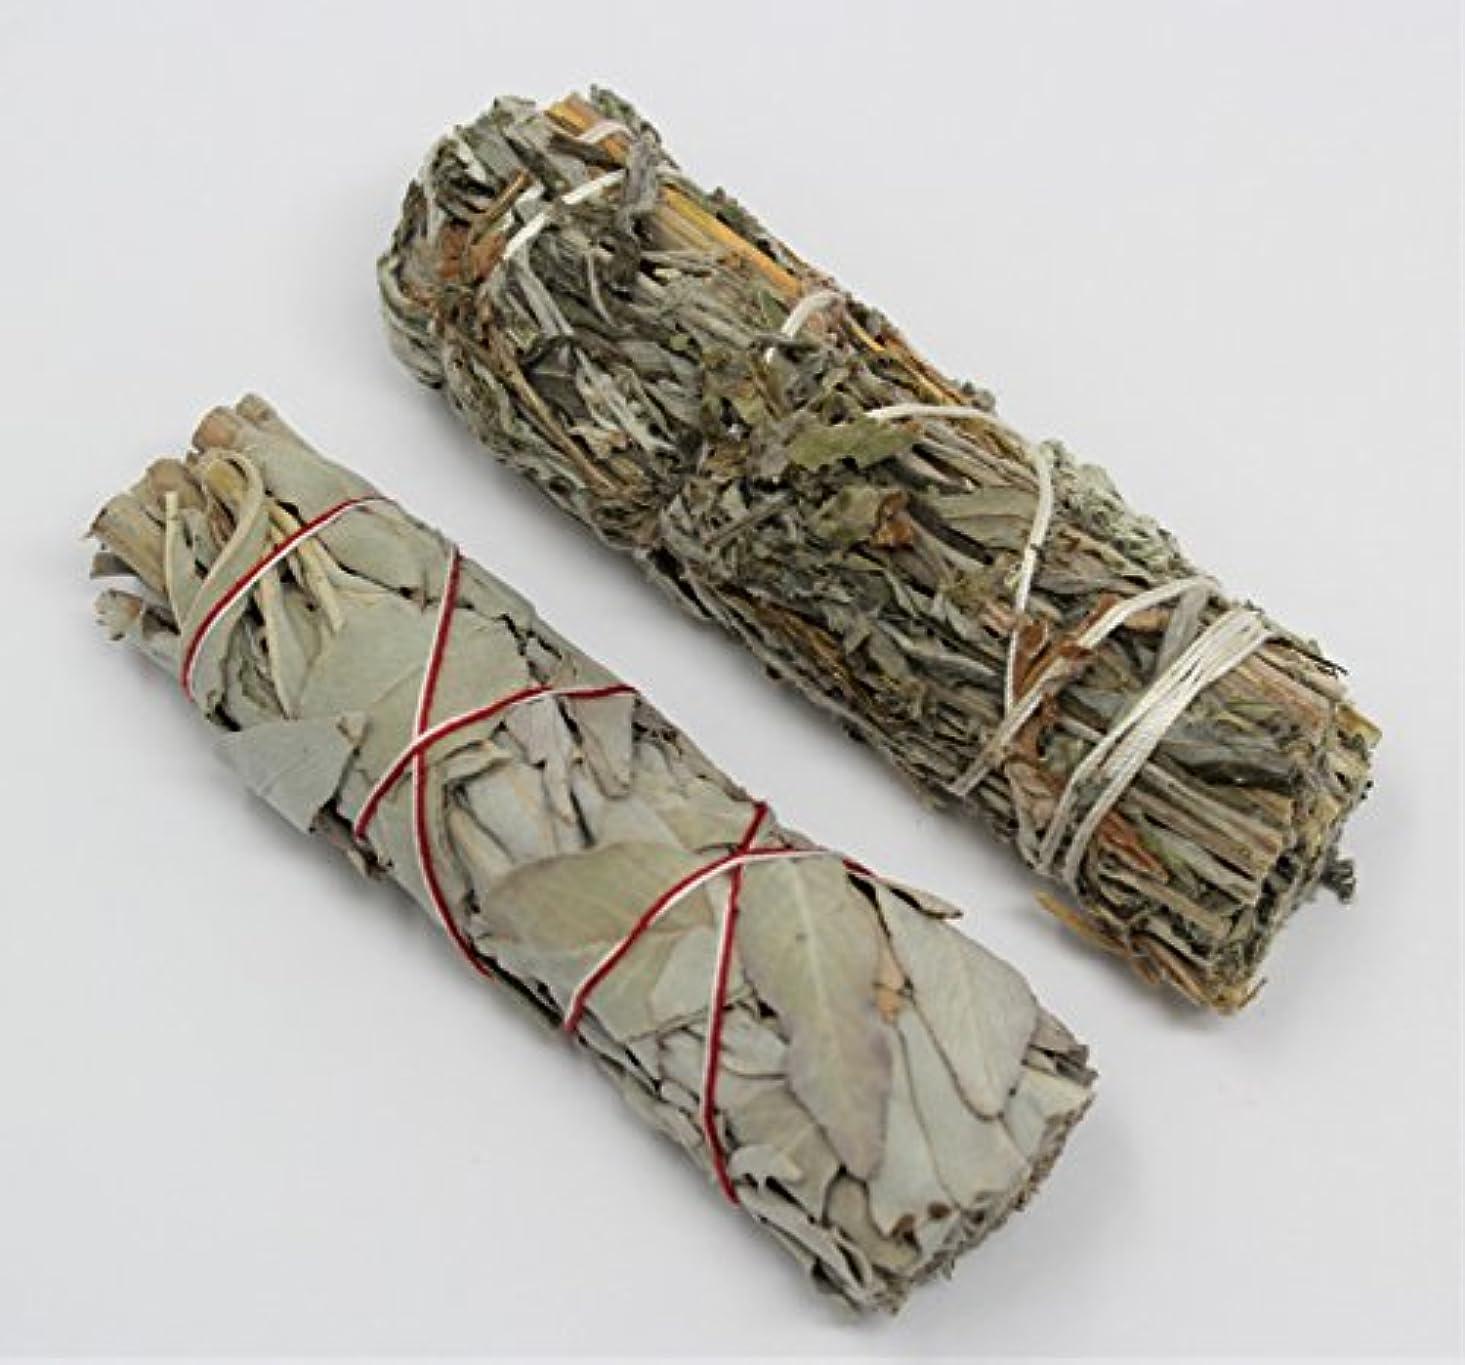 矛盾する偶然頬カリフォルニアホワイトセージ、ブラックセージ( Mugwort ) Smudge Sticks 2 Pack